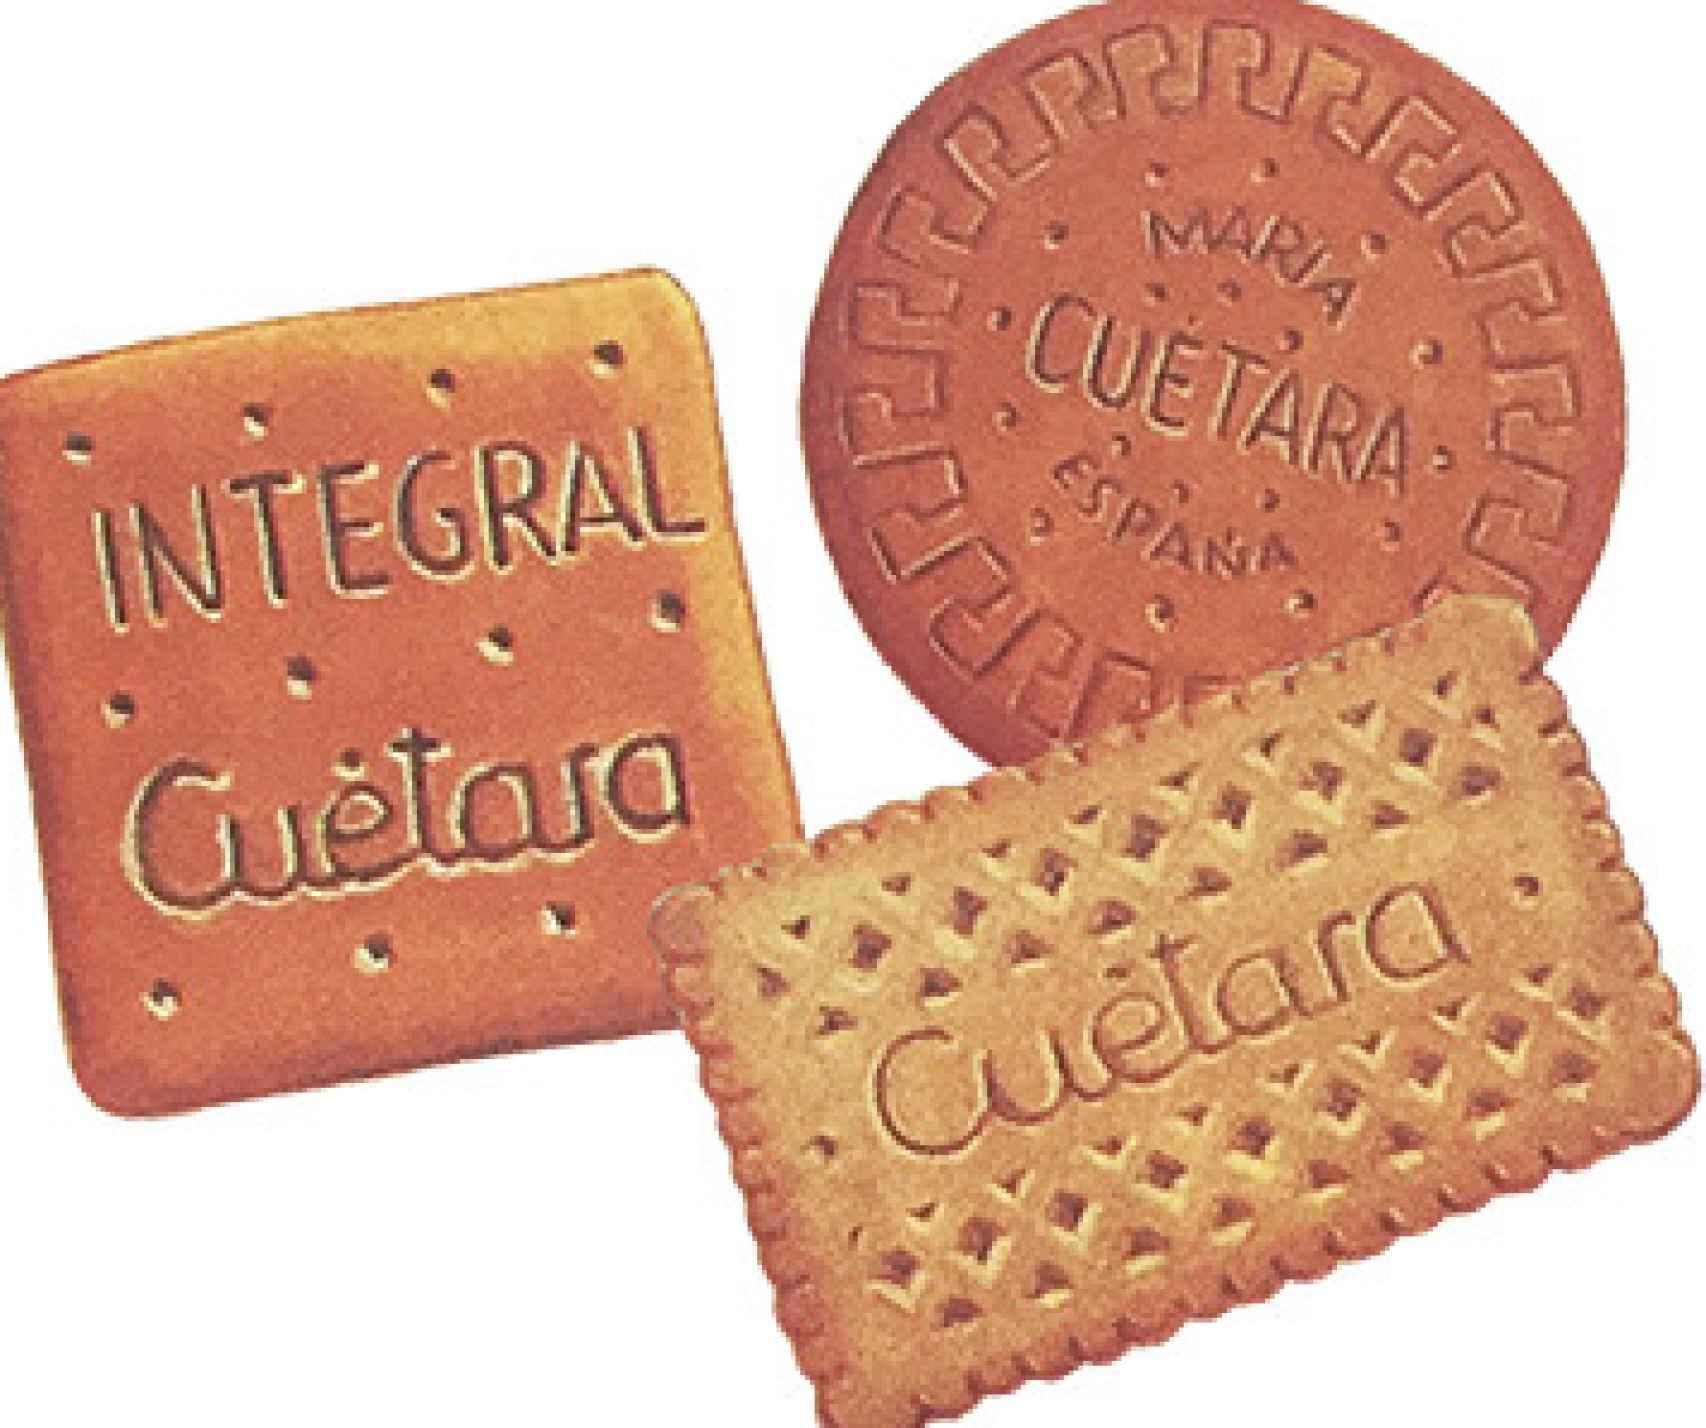 Las primeras galletas Cuétara.